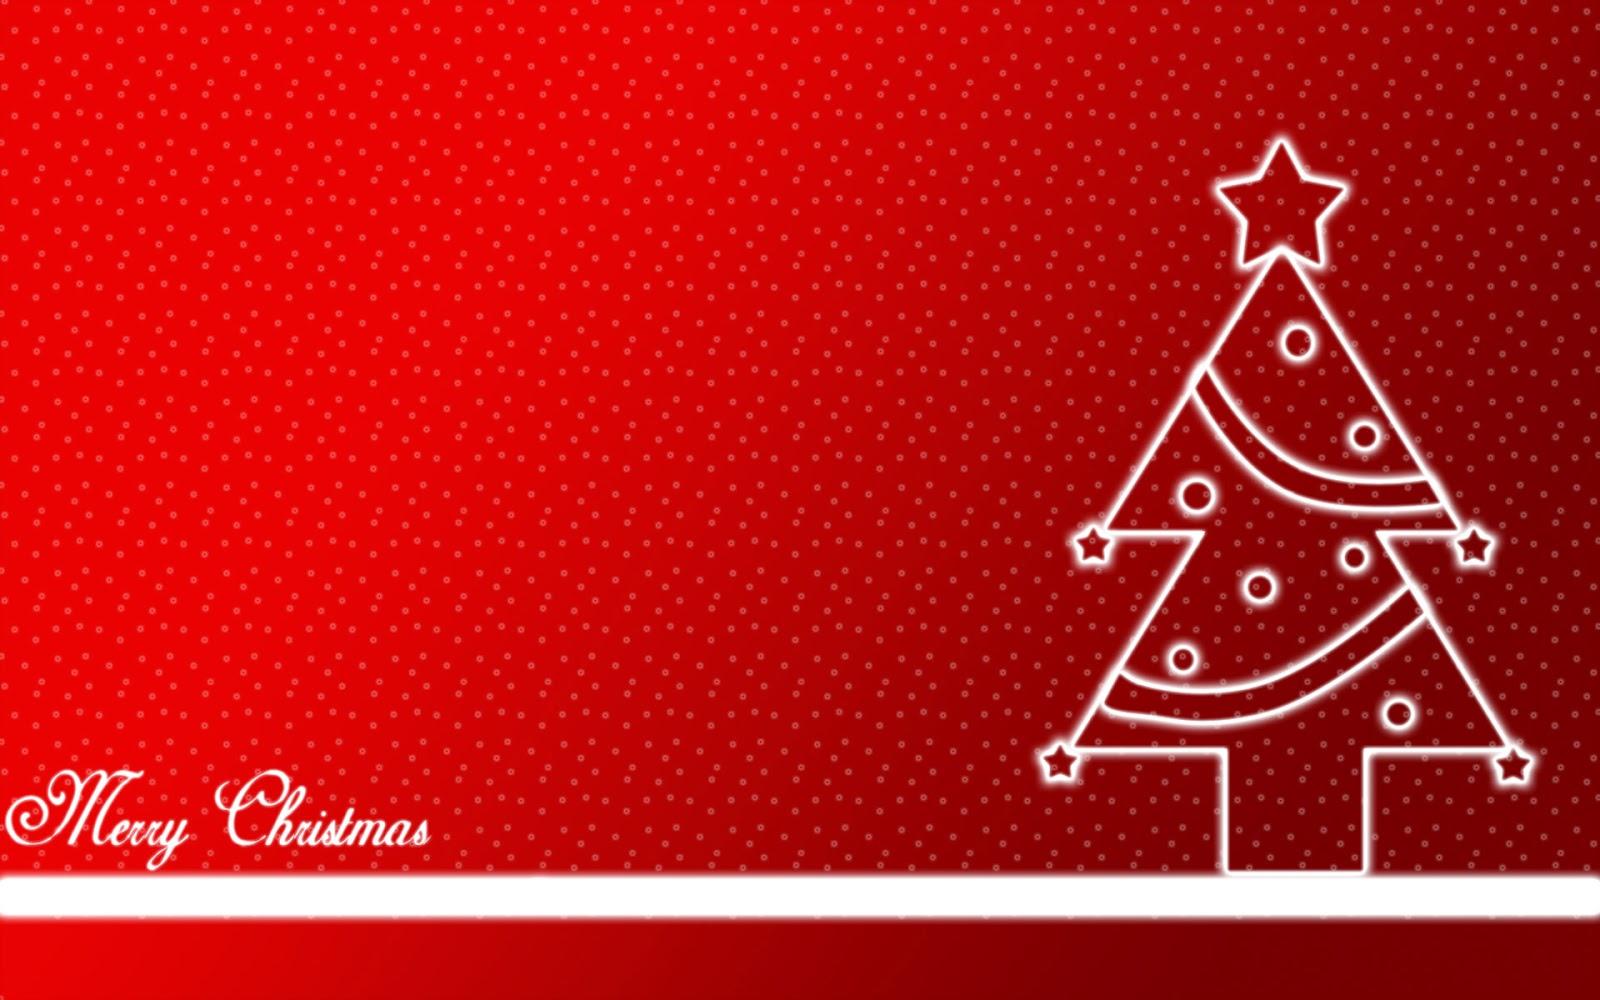 Buon Natale X Amici.Amici Dei Libri Auguri Di Buon Natale